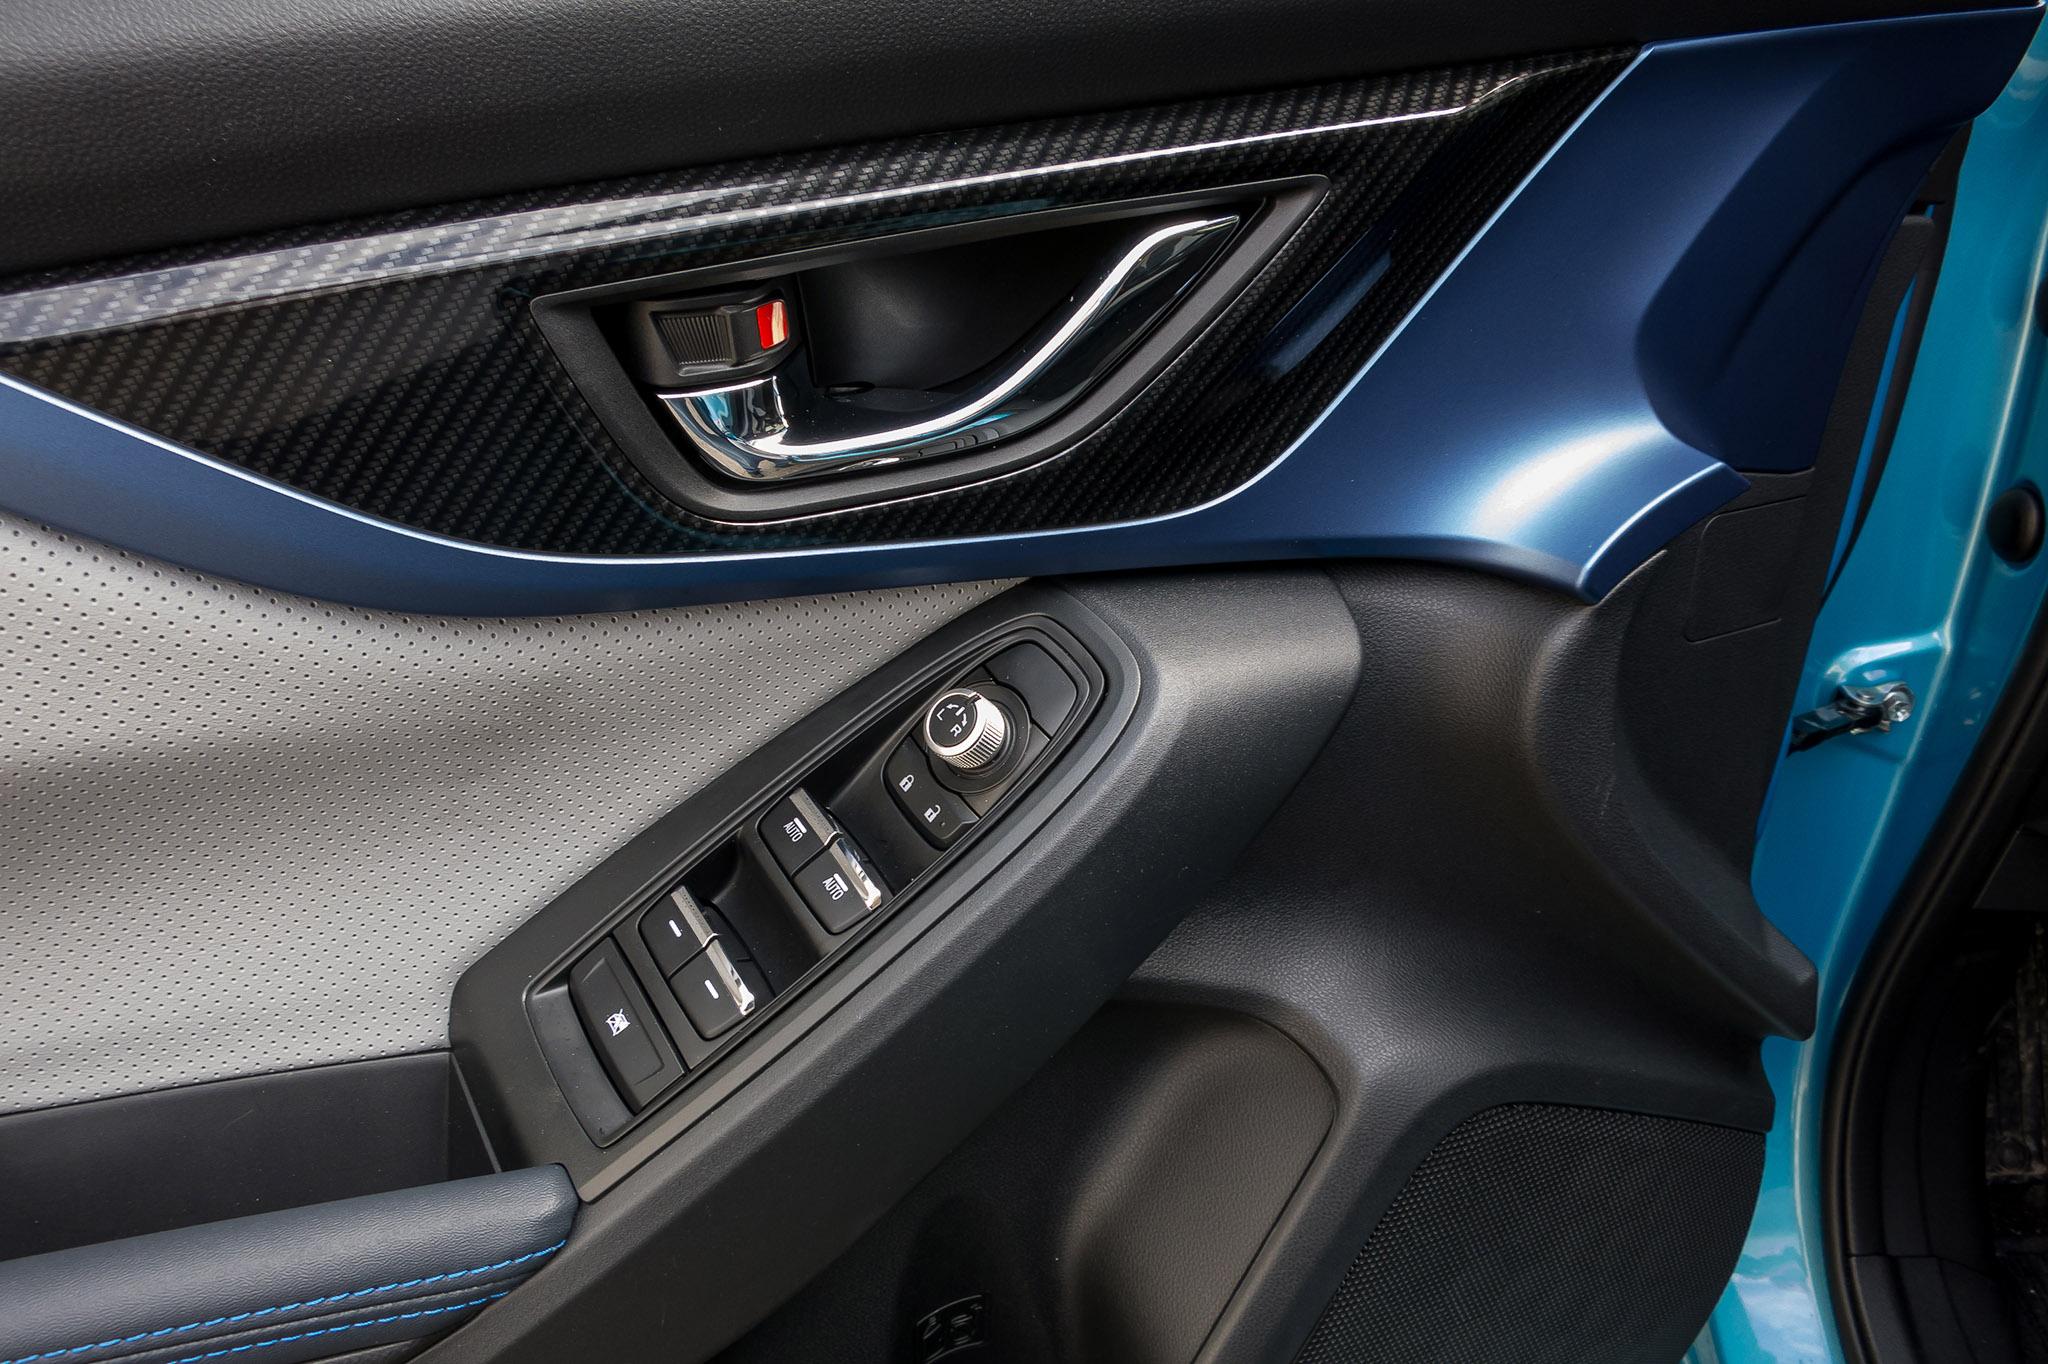 2019 Subaru Crosstrek Hybrid Review: More Efficient, Less Useful